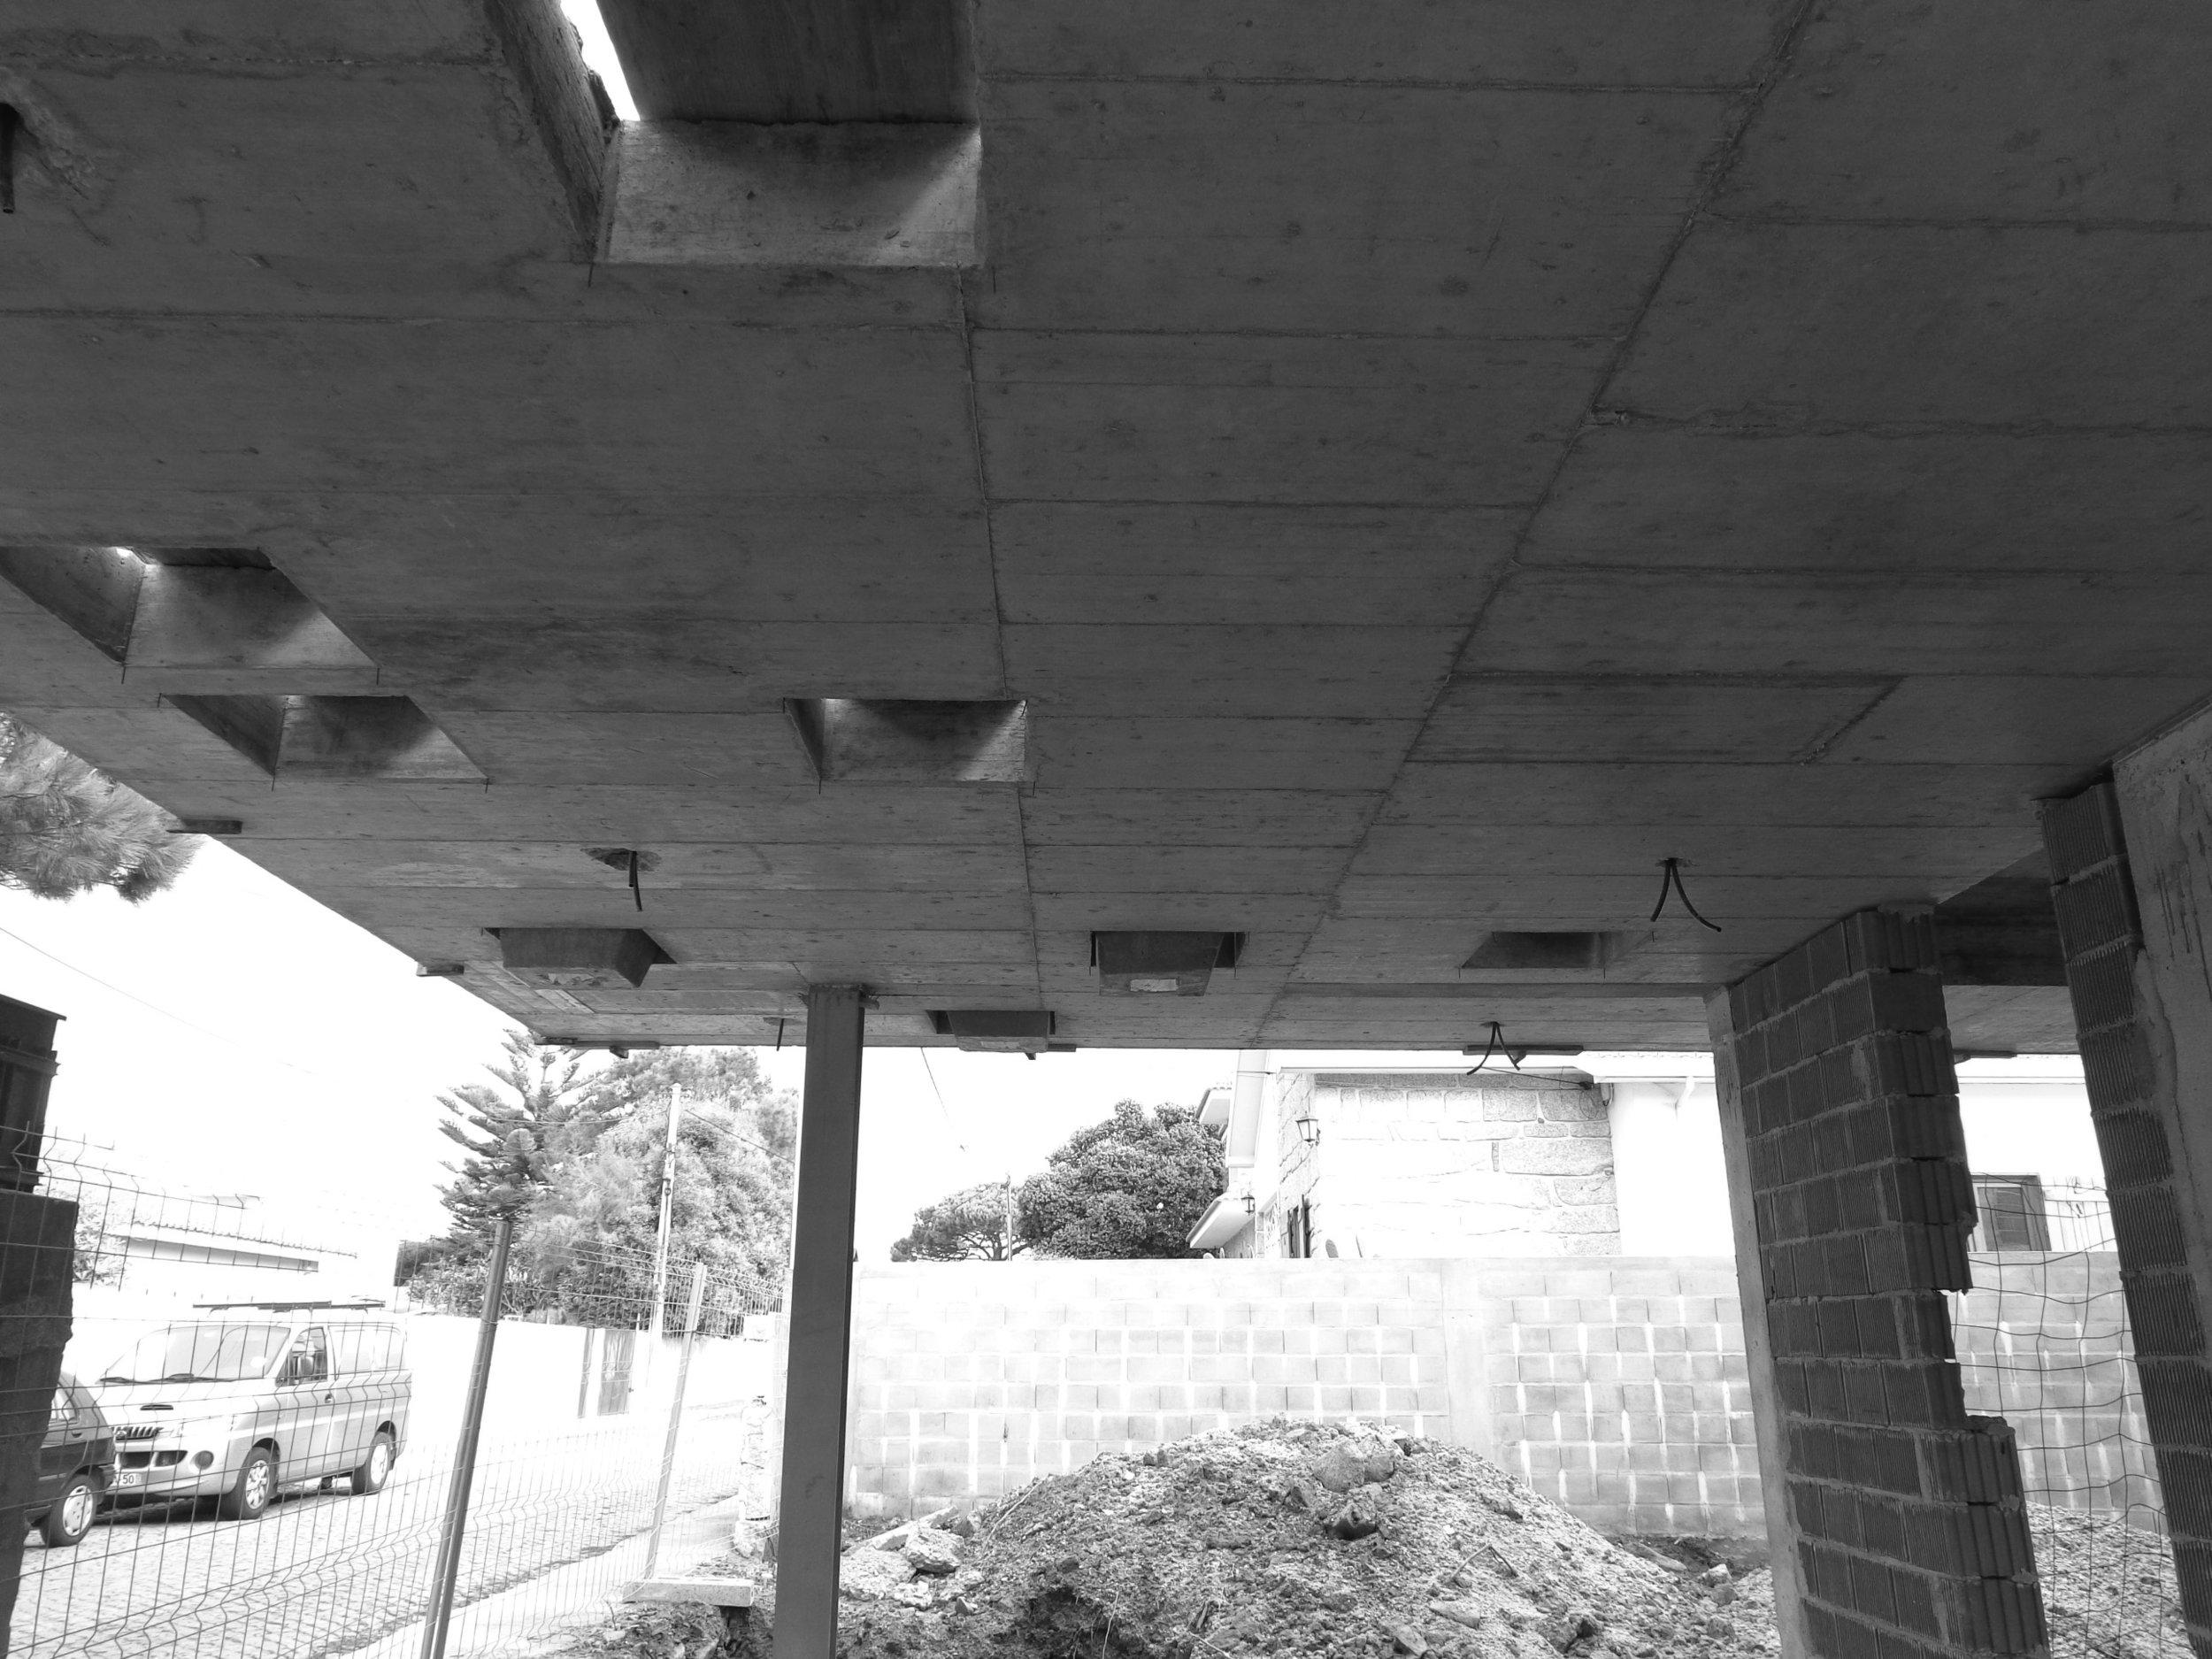 Moradia Alfazema - EVA evolutionary architecture - vila nova de gaia - arquitecto - porto (24).jpg